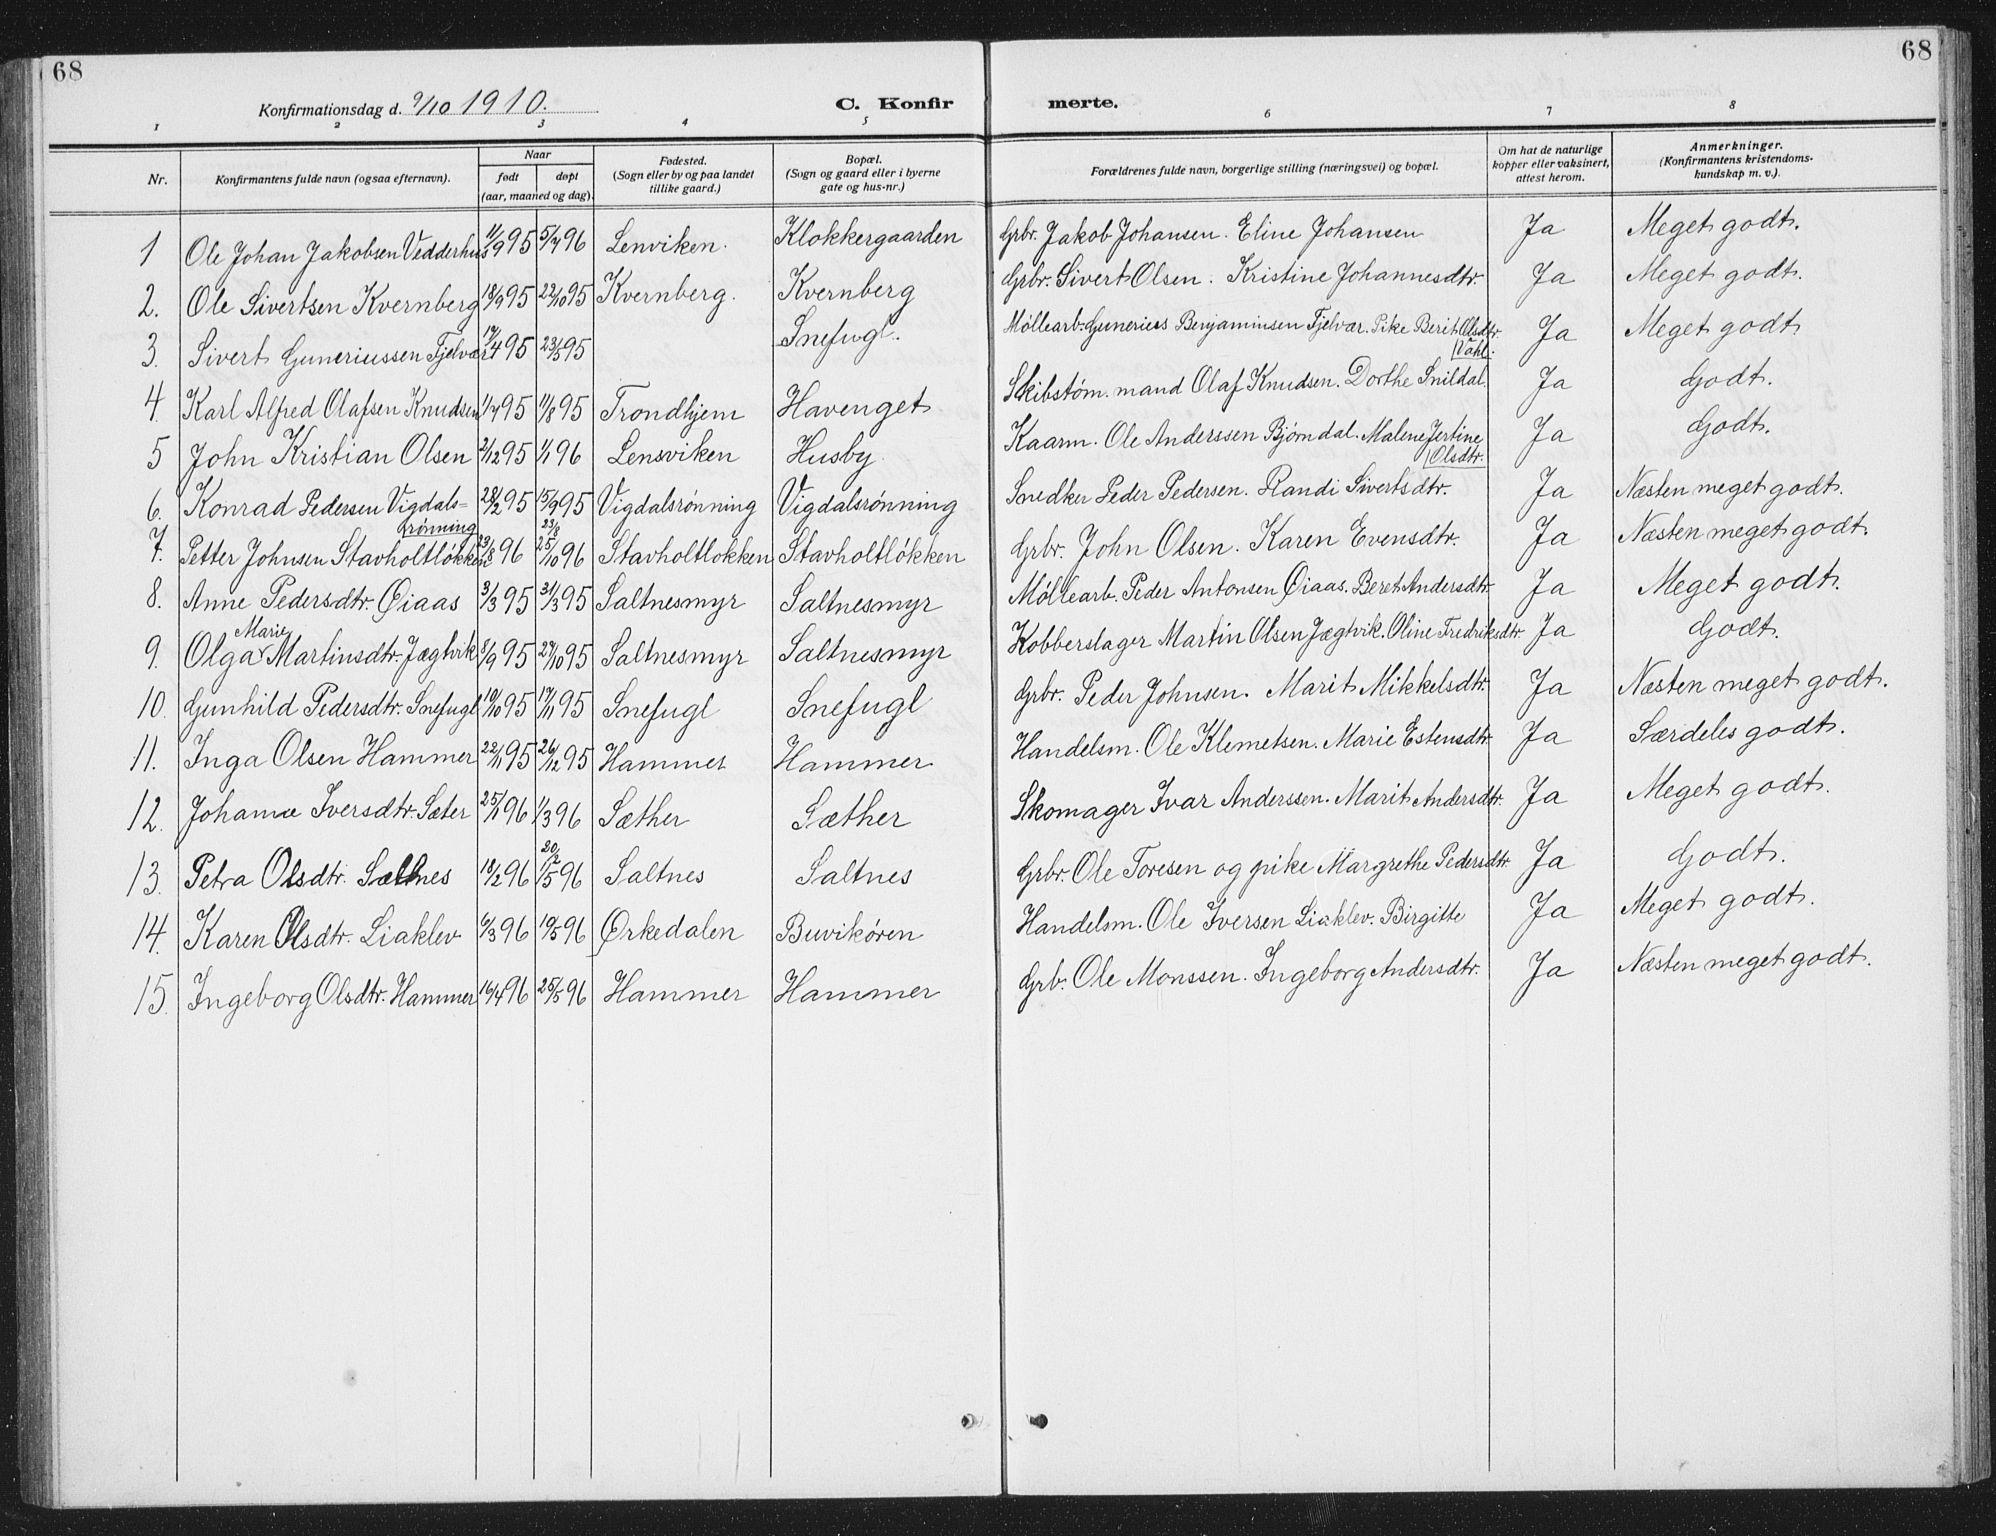 SAT, Ministerialprotokoller, klokkerbøker og fødselsregistre - Sør-Trøndelag, 666/L0791: Klokkerbok nr. 666C04, 1909-1939, s. 68